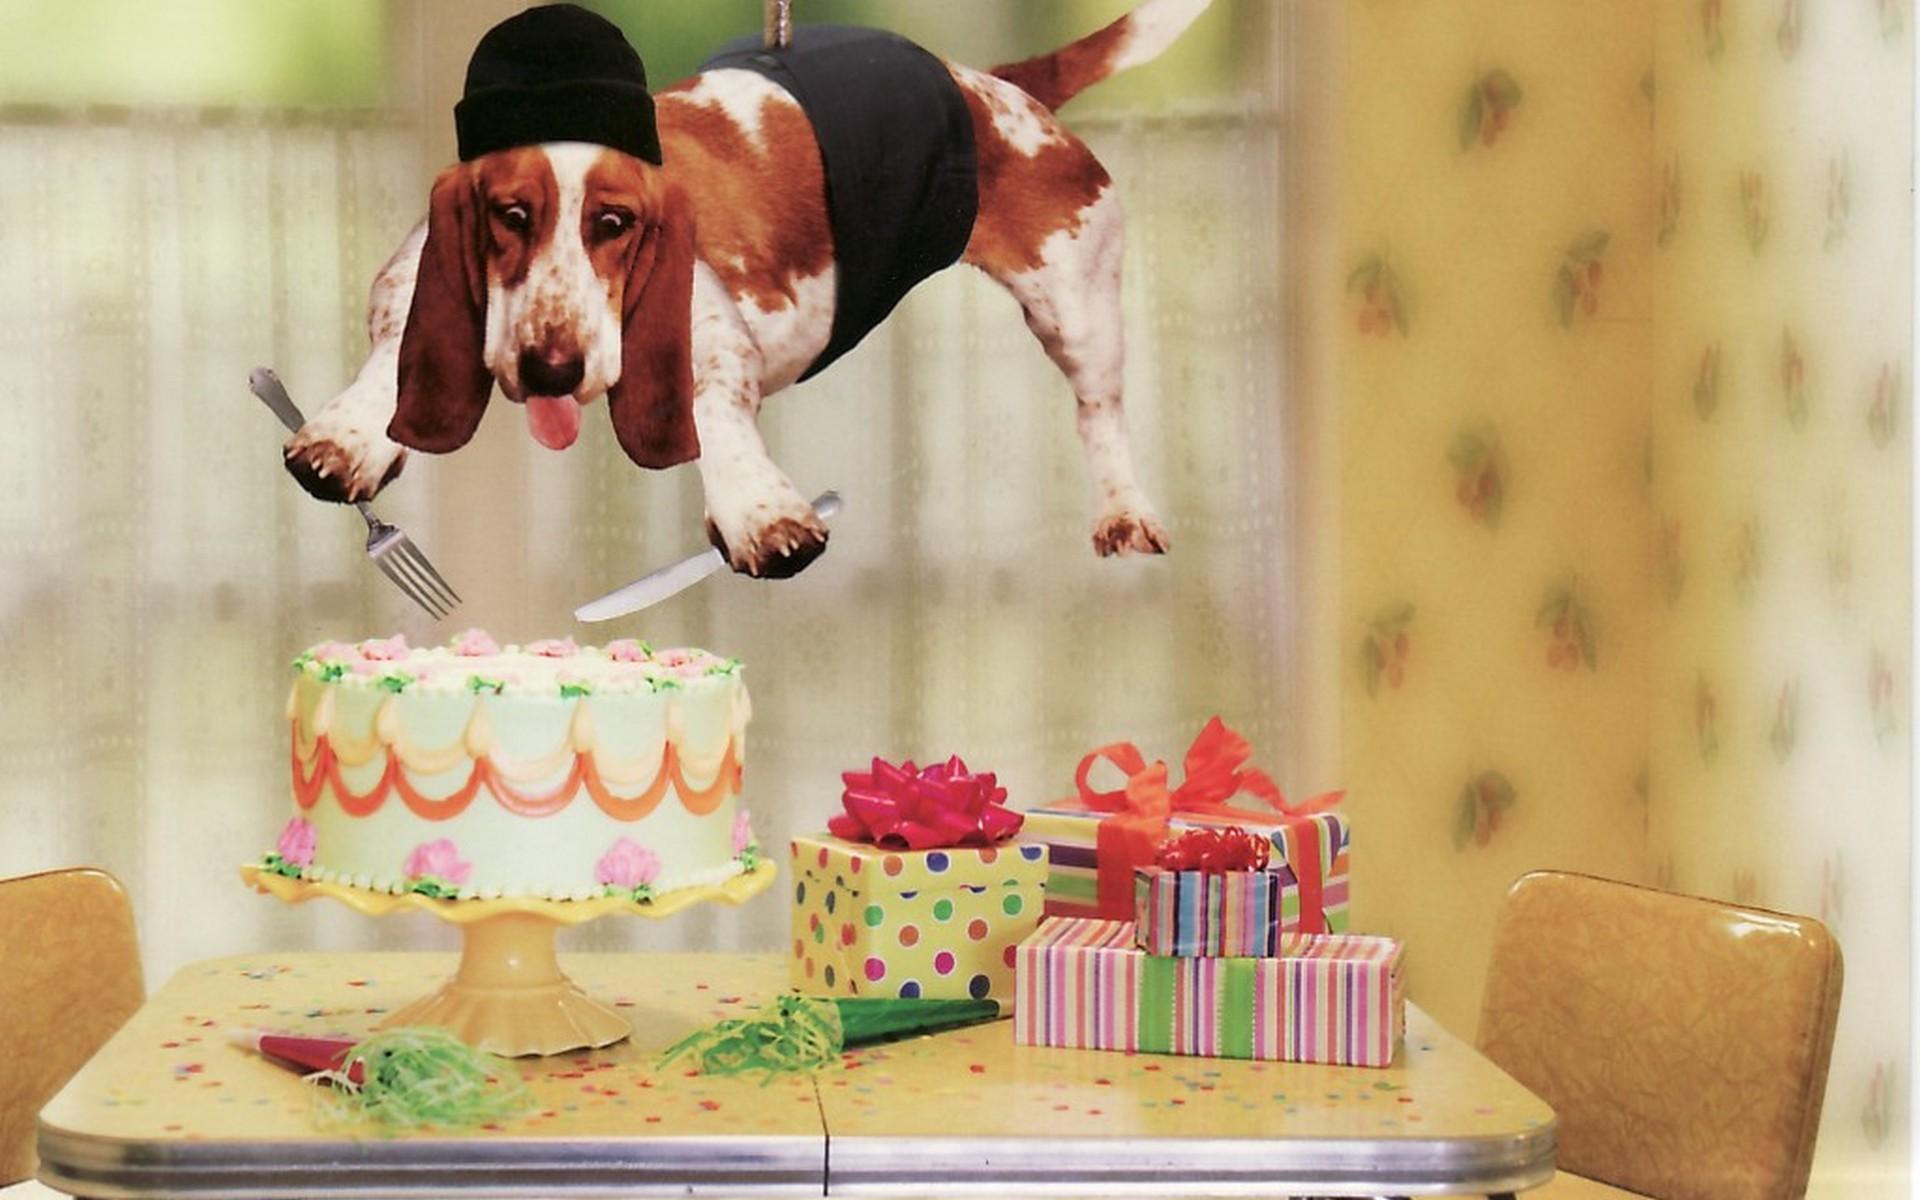 Fotos graciosas de perros - 1920x1200